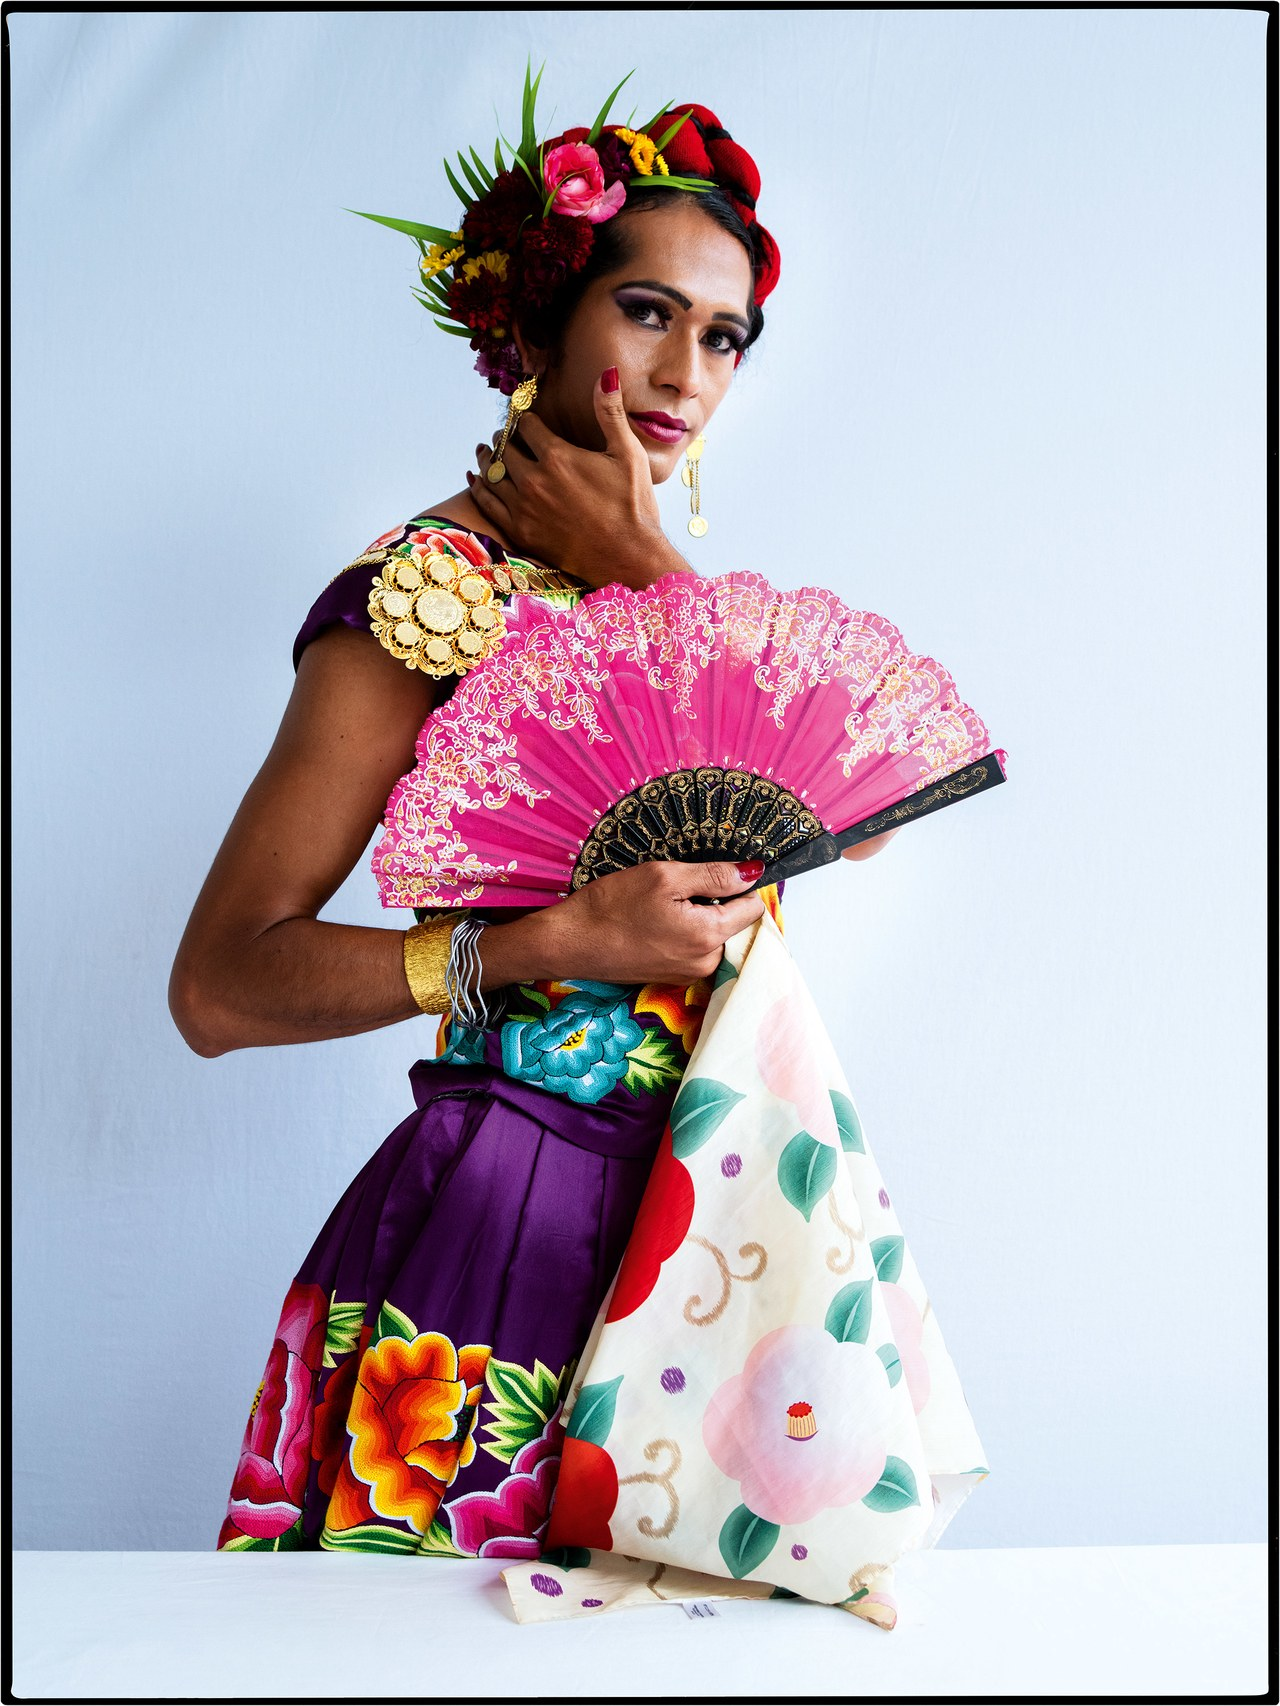 Conoce a Estrella Vázquez, la indígena transgénero mexicana que resalta por su exótica belleza